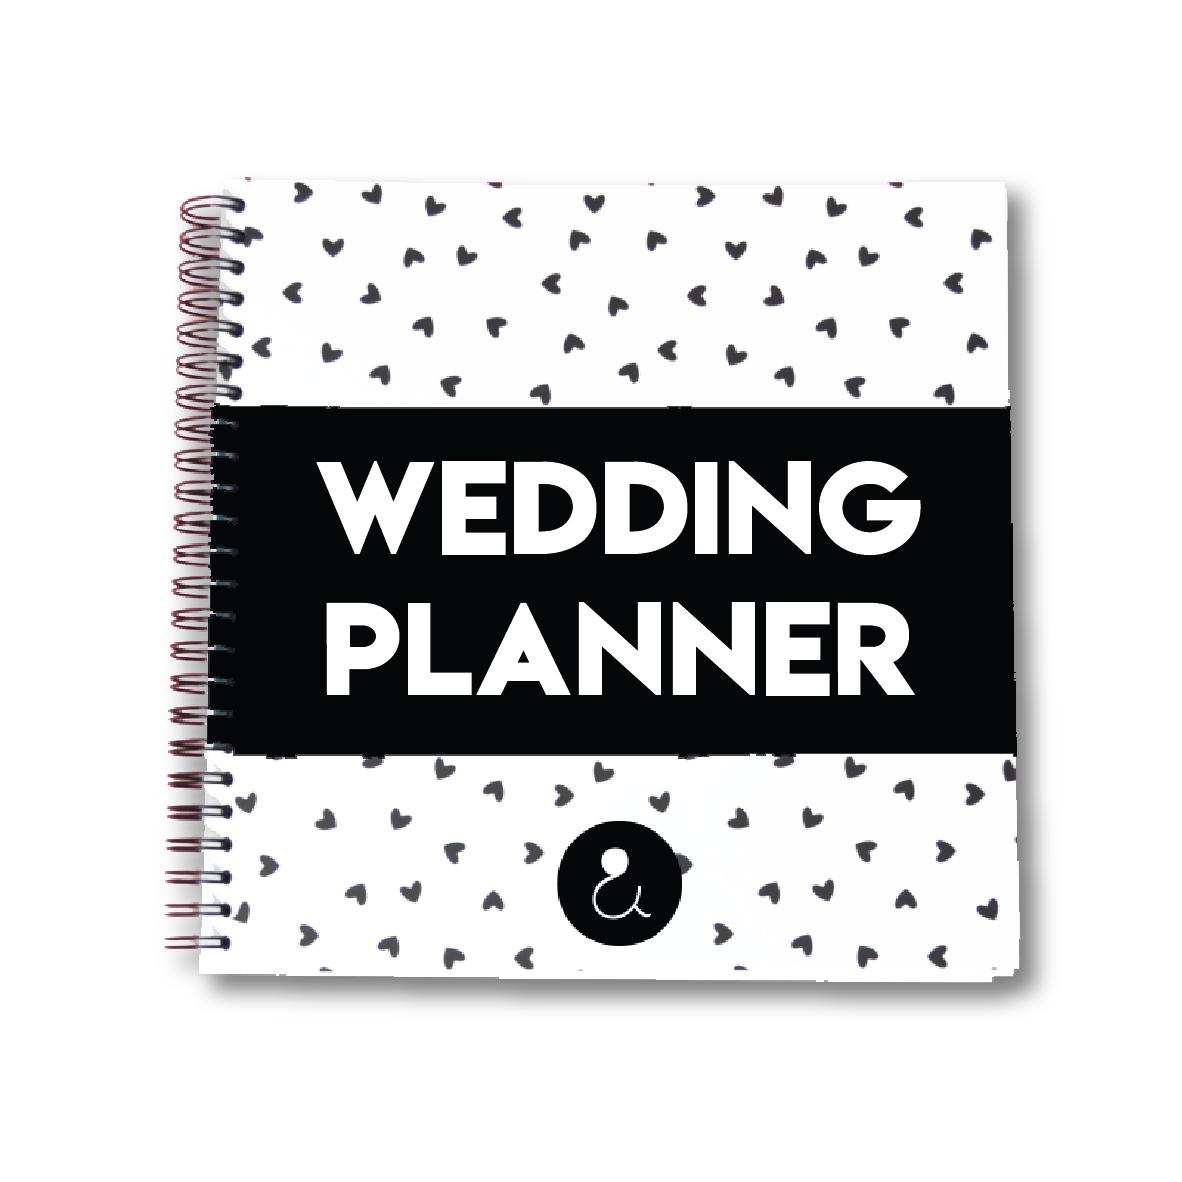 Weddingplanner | monochrome